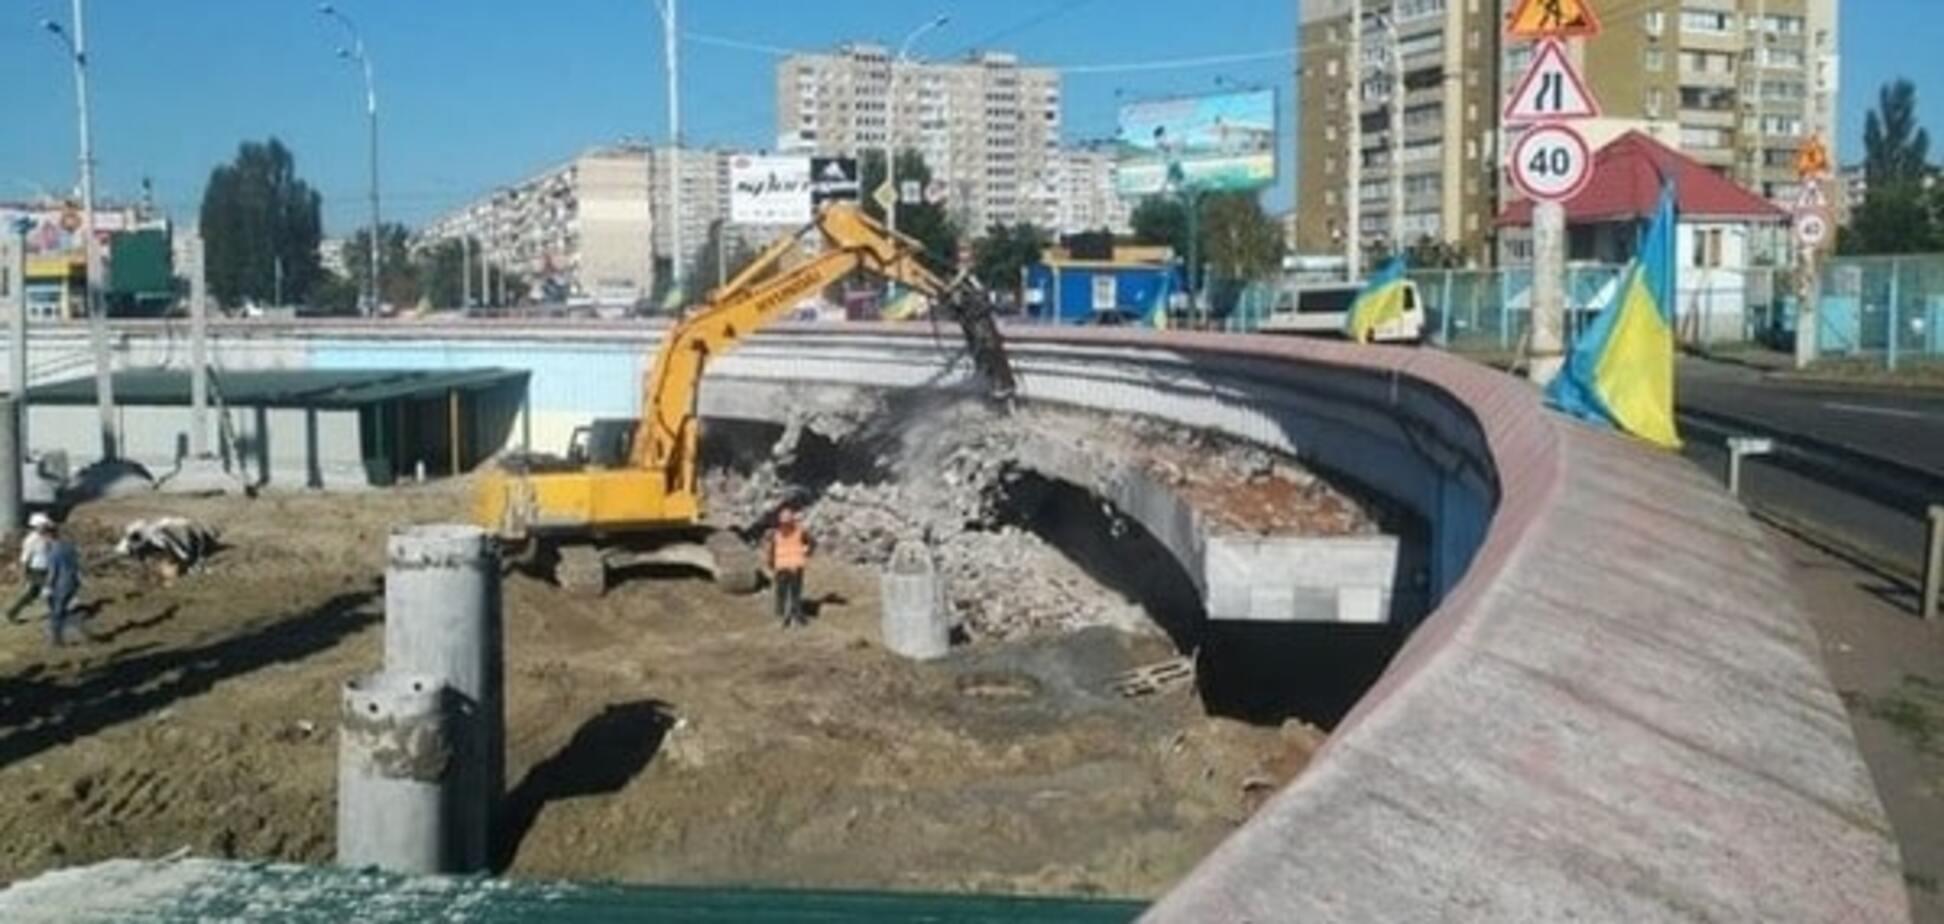 Не обвалится: застройщик отрицает опасность стройки на 'Героев Днепра' в Киеве